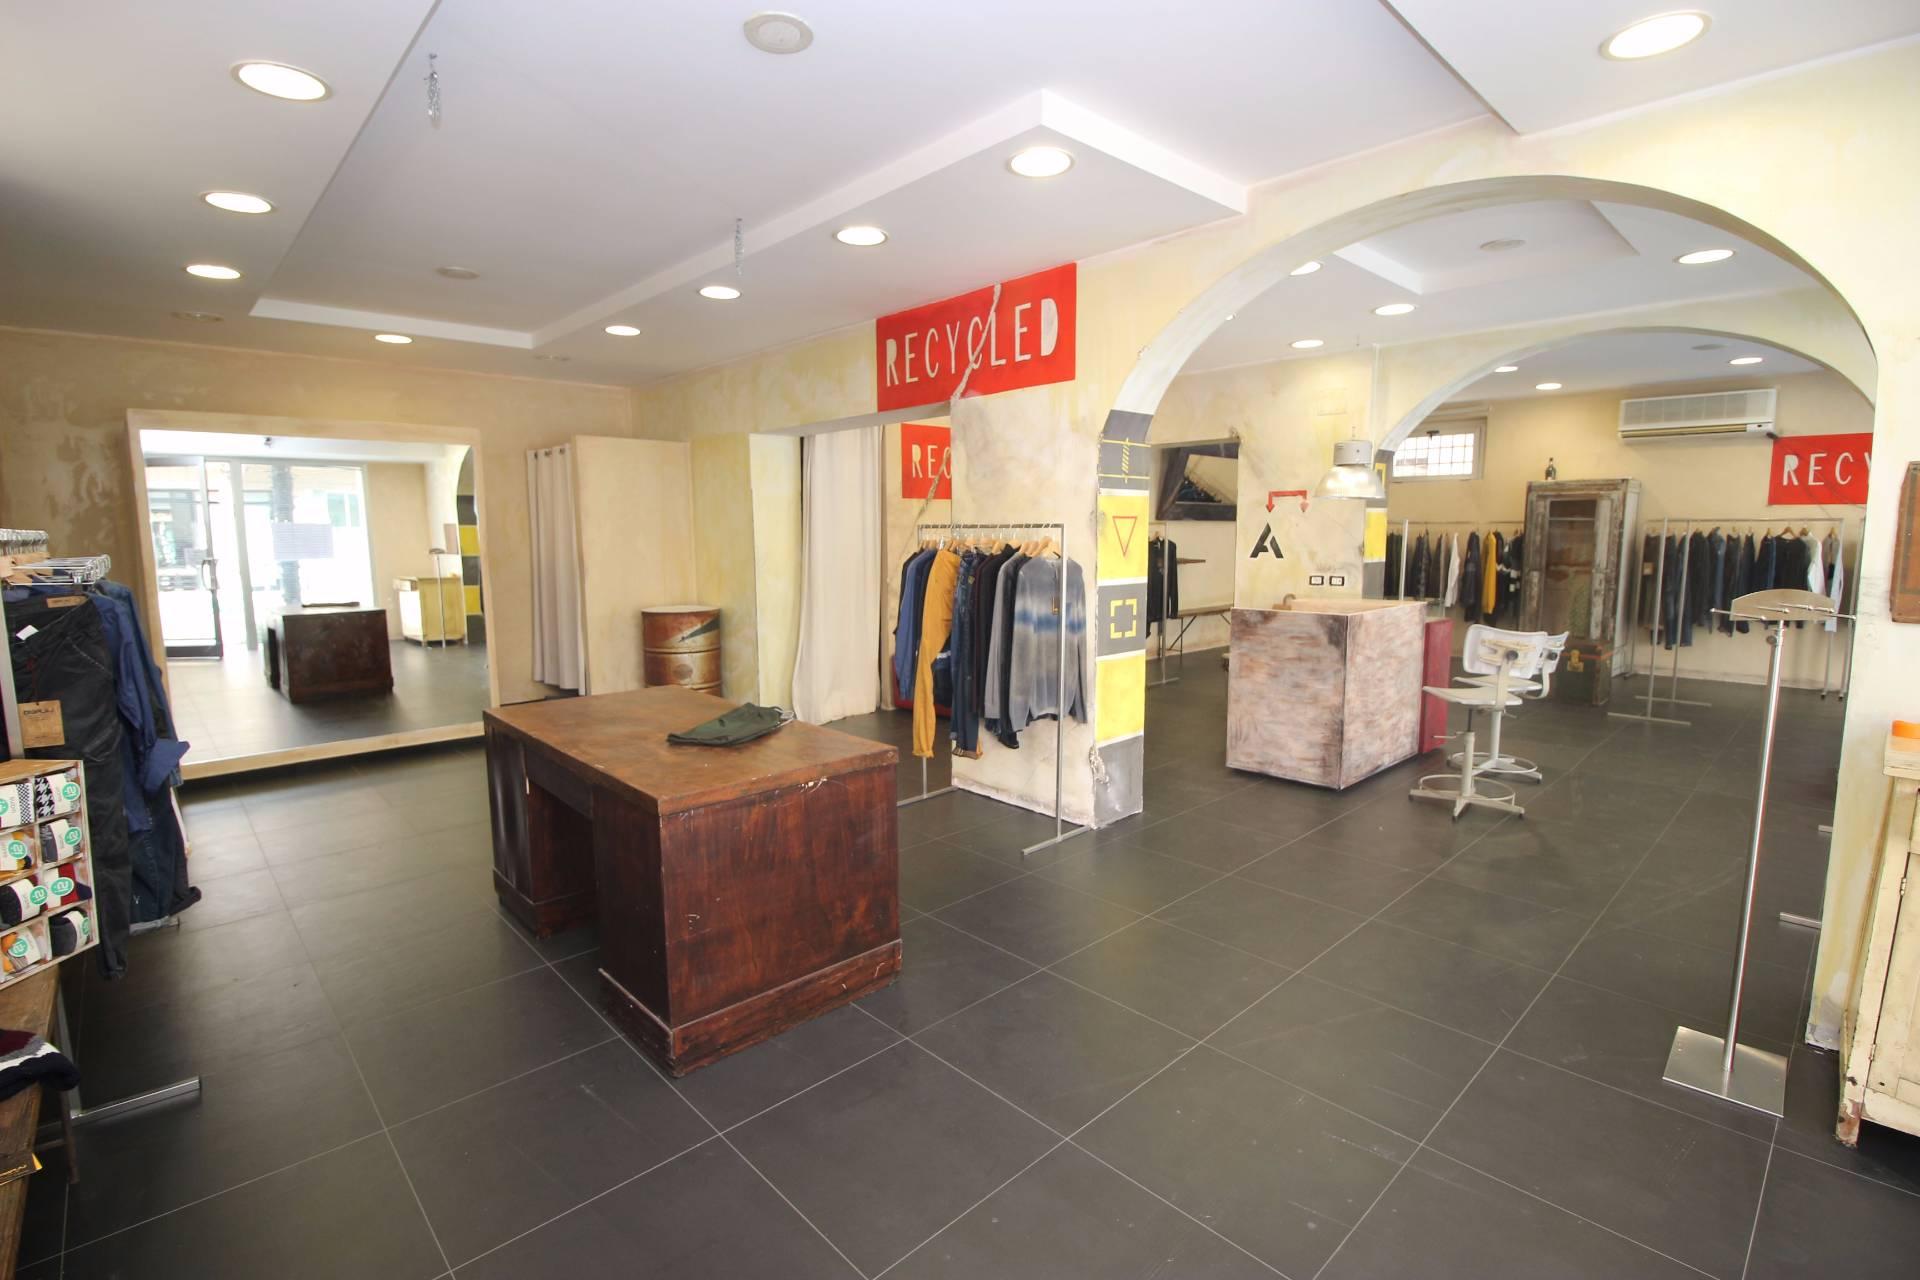 Negozio / Locale in vendita a Alba Adriatica, 9999 locali, zona Località: ZonaMare, prezzo € 155.000 | CambioCasa.it